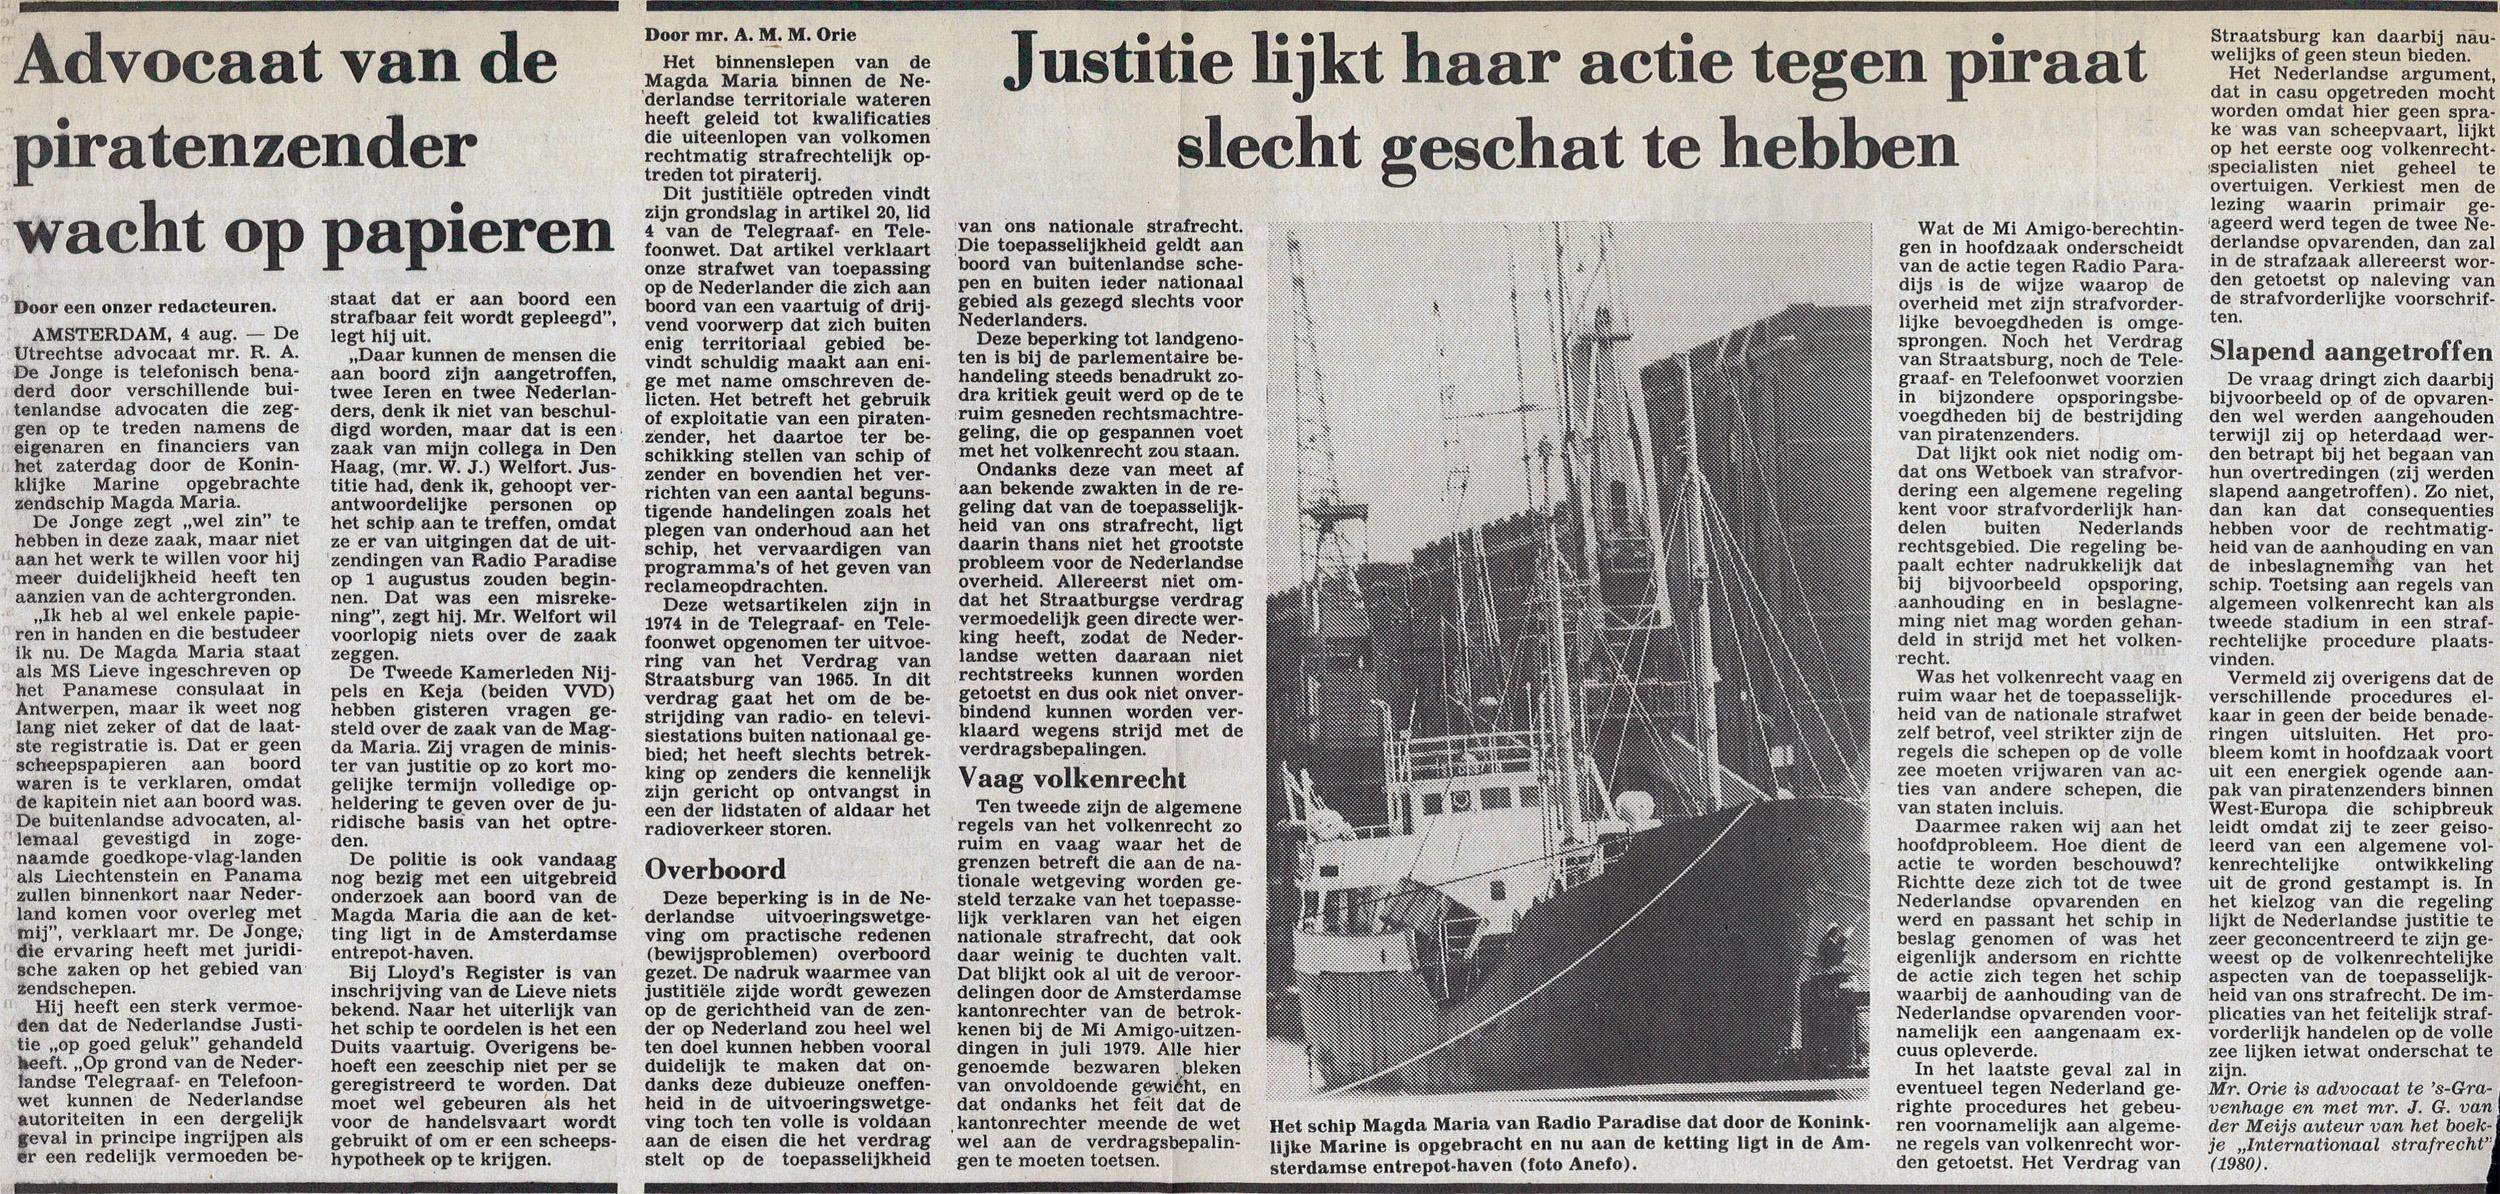 19810804_NRC_Radiop Paradijs Jusitie actie slecht geschat.jpg